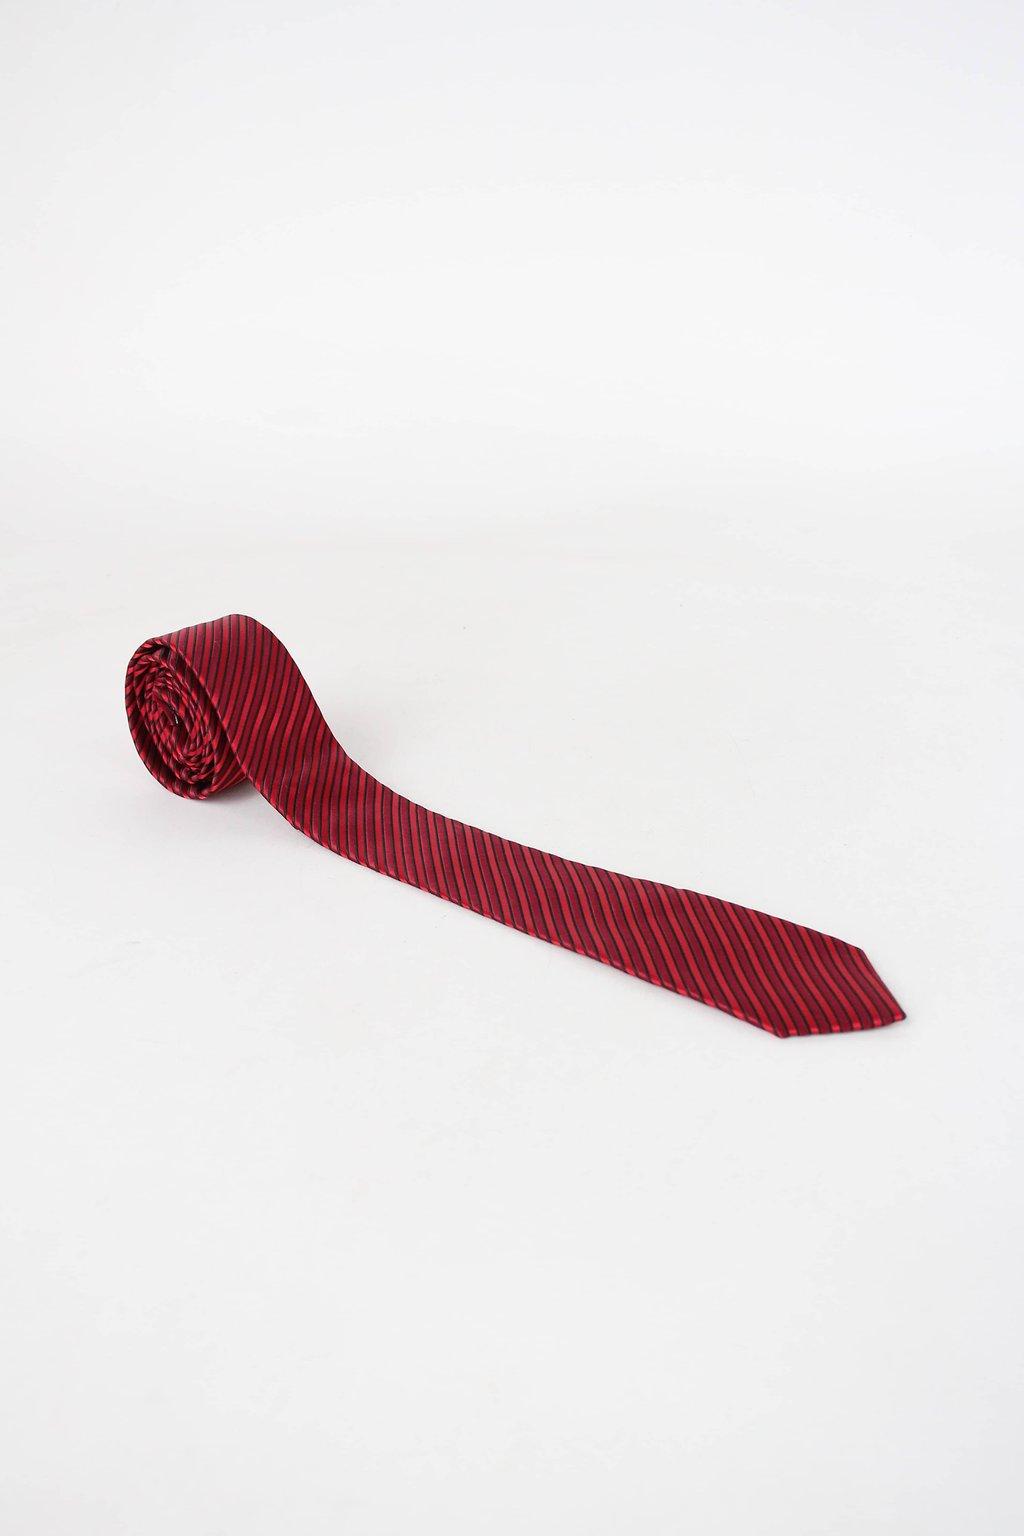 Gravata rovest masculina vermelha listrada